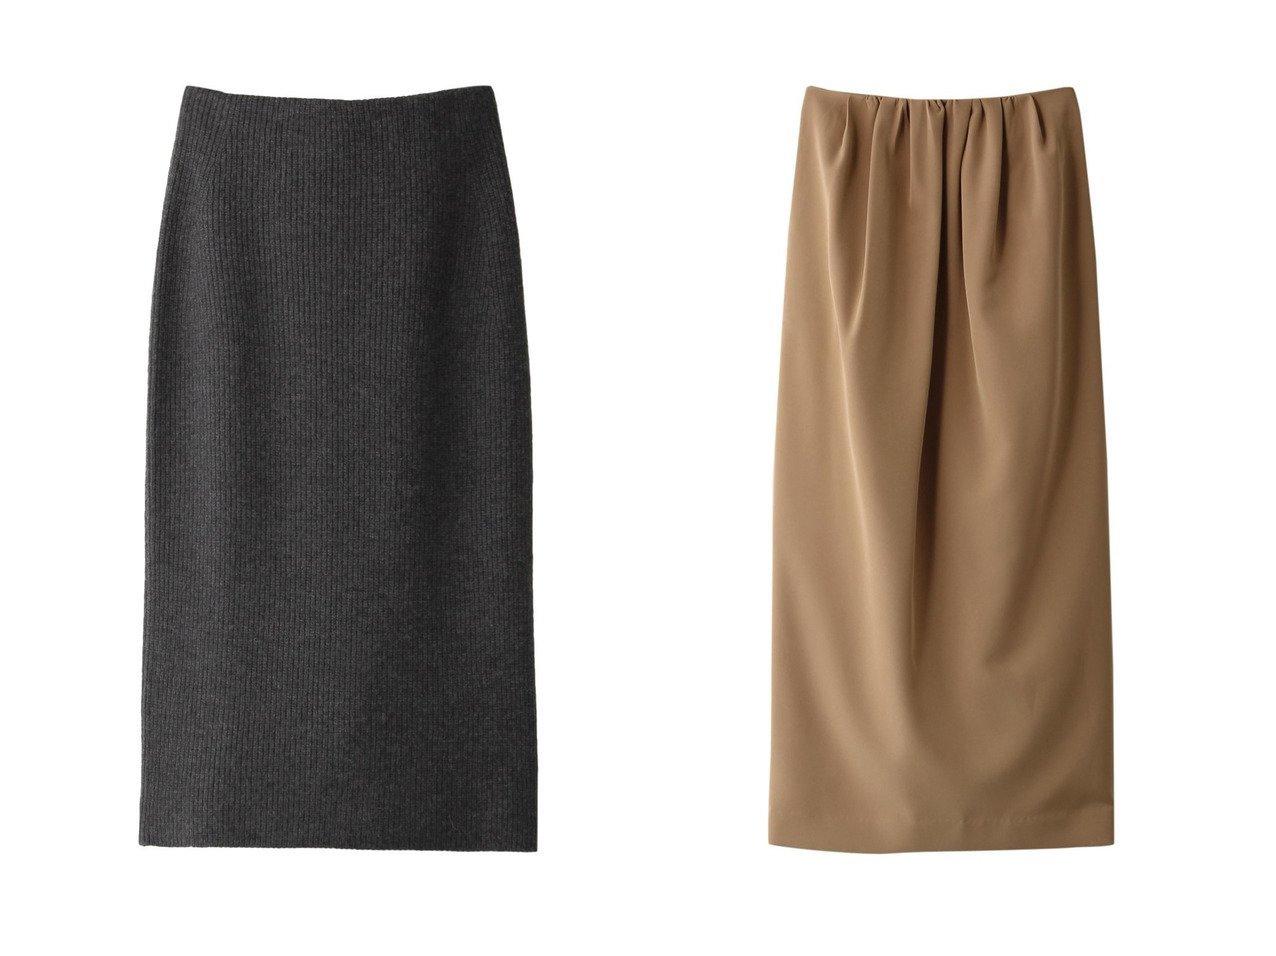 【Chaos/カオス】のCR7GポルテアゼKTスカート&【CLANE/クラネ】のスカート スカートのおすすめ!人気、レディースファッションの通販 おすすめファッション通販アイテム インテリア・キッズ・メンズ・レディースファッション・服の通販 founy(ファニー) ファッション Fashion レディース WOMEN スカート Skirt ロングスカート Long Skirt カシミヤ シンプル トレンド ロング A/W 秋冬 Autumn & Winter ギャザー バランス 今季 ブラウン系 Brown ブラック系 Black ベージュ系 Beige |ID:crp329100000004920